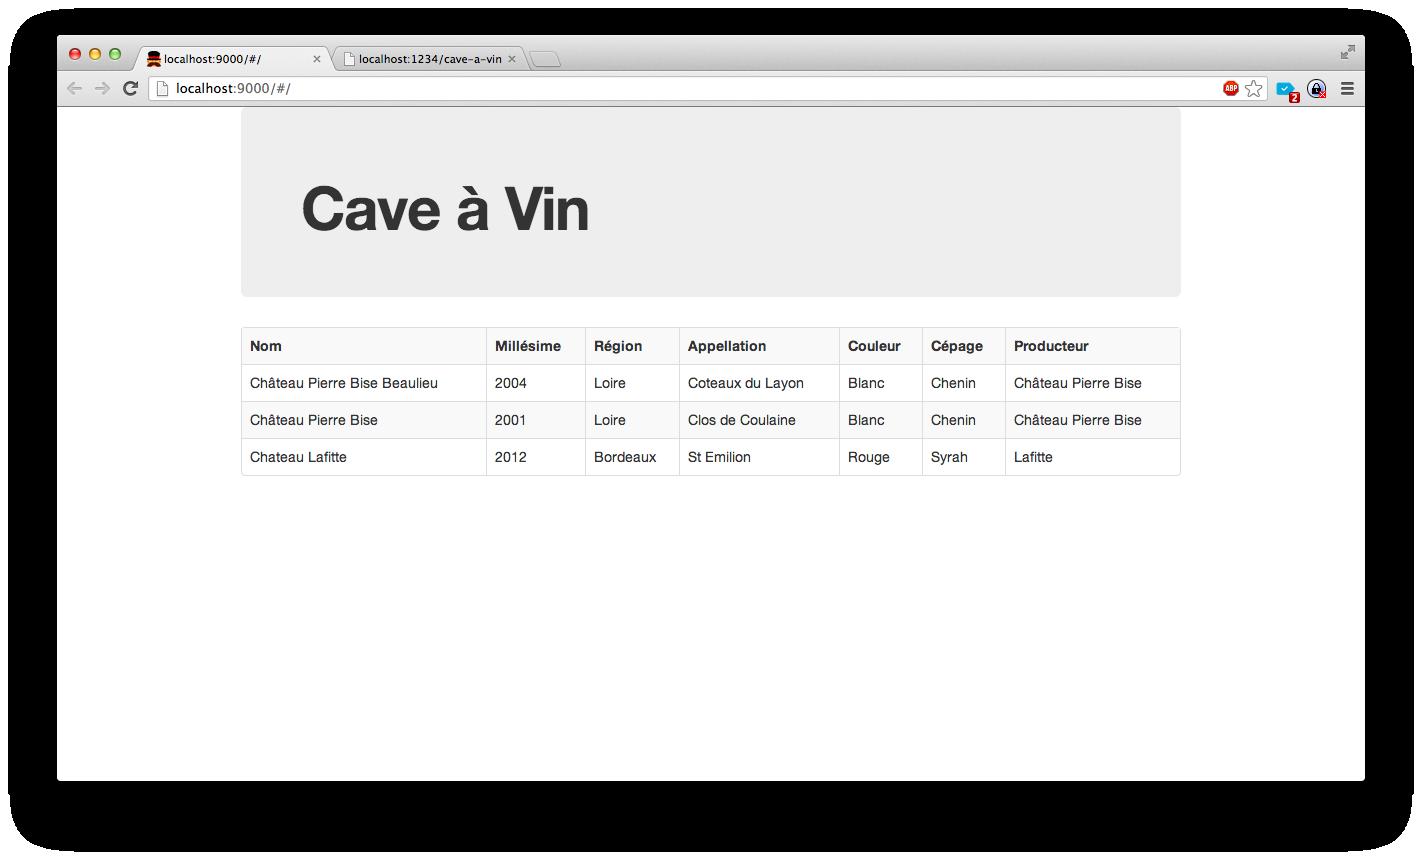 Web service cave-a-vin